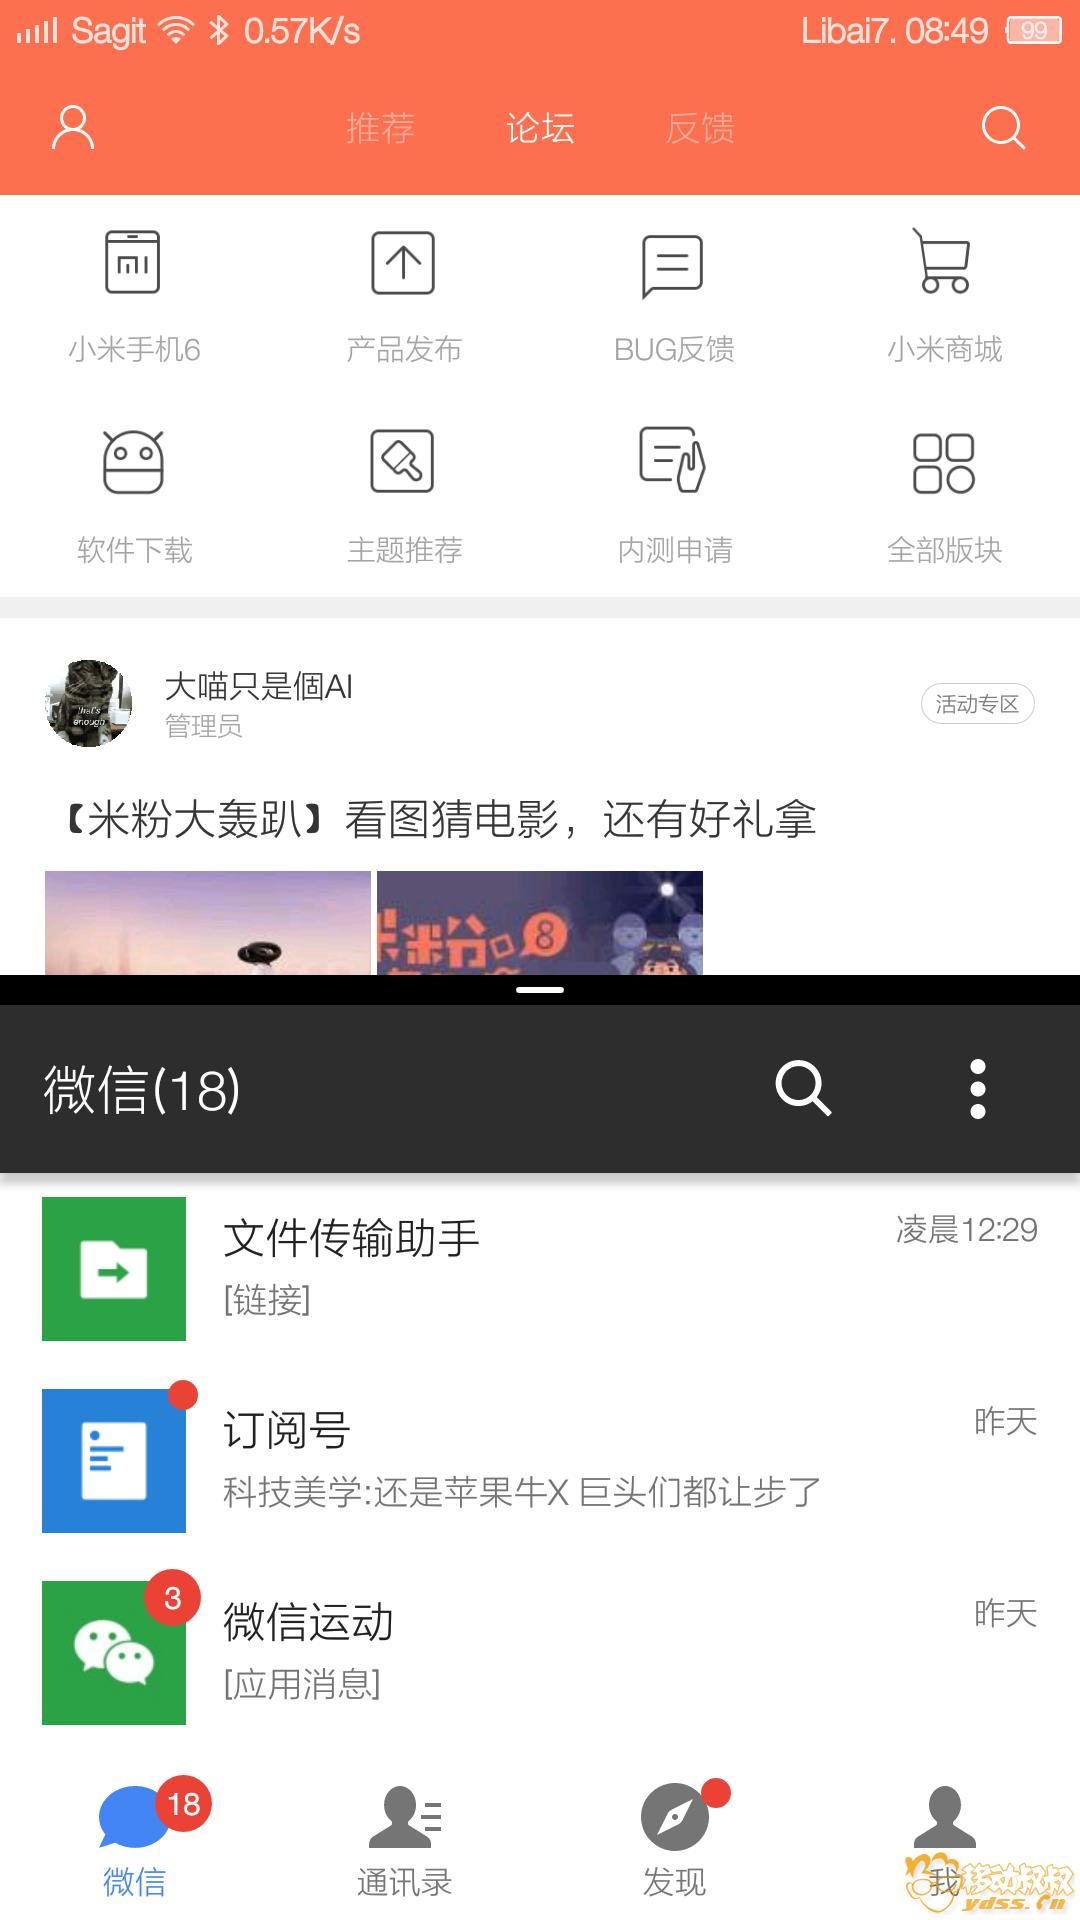 Screenshot_2017-07-09-08-49-27-567_com.miui.miuib.png